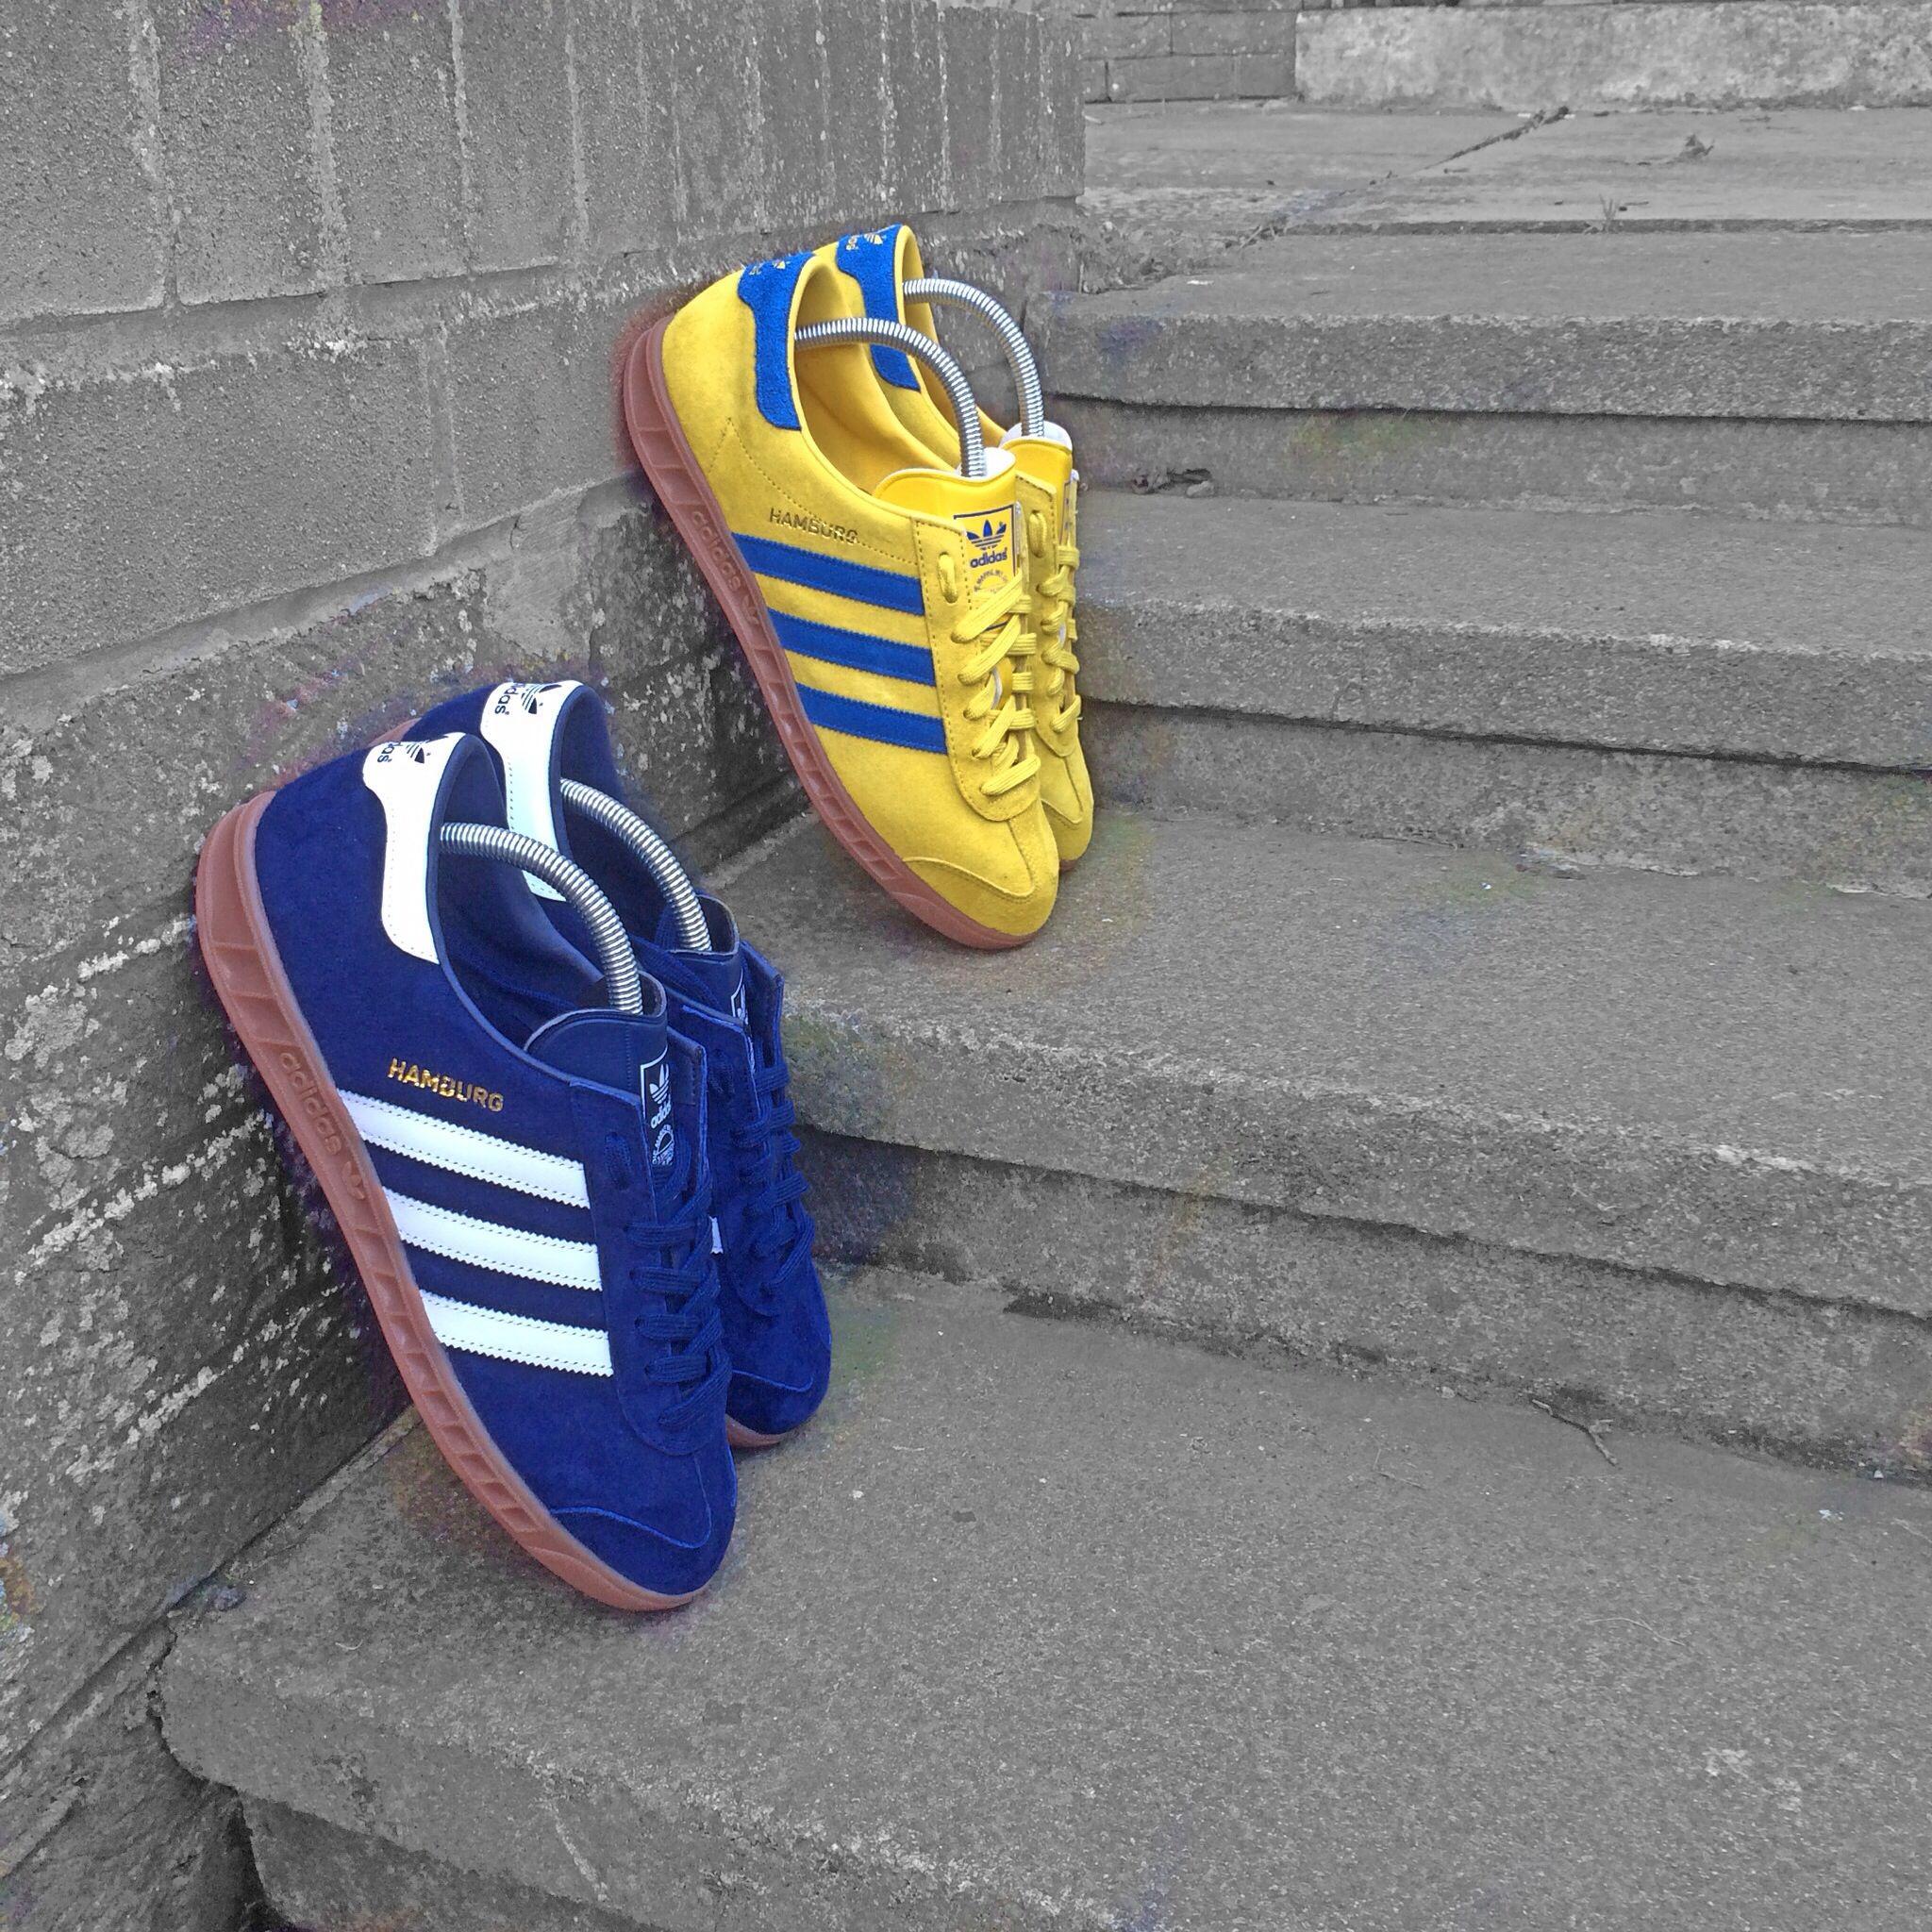 Adidas Hamburg (met afbeeldingen)